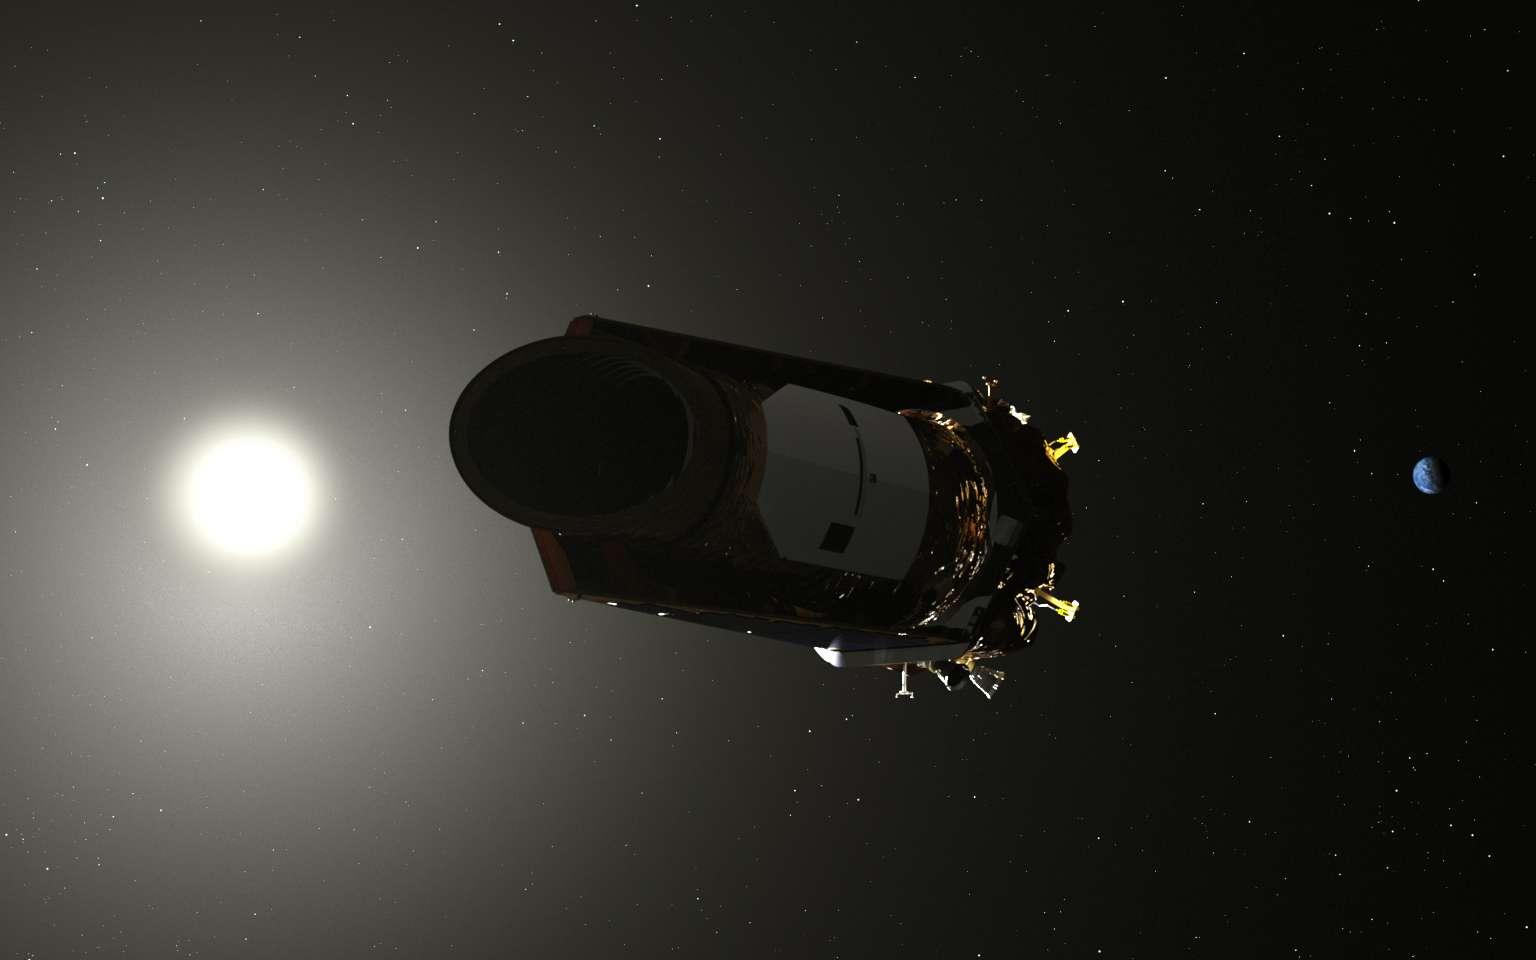 Illustration du satellite Kepler, implacable chasseur d'exoplanètes. © Nasa